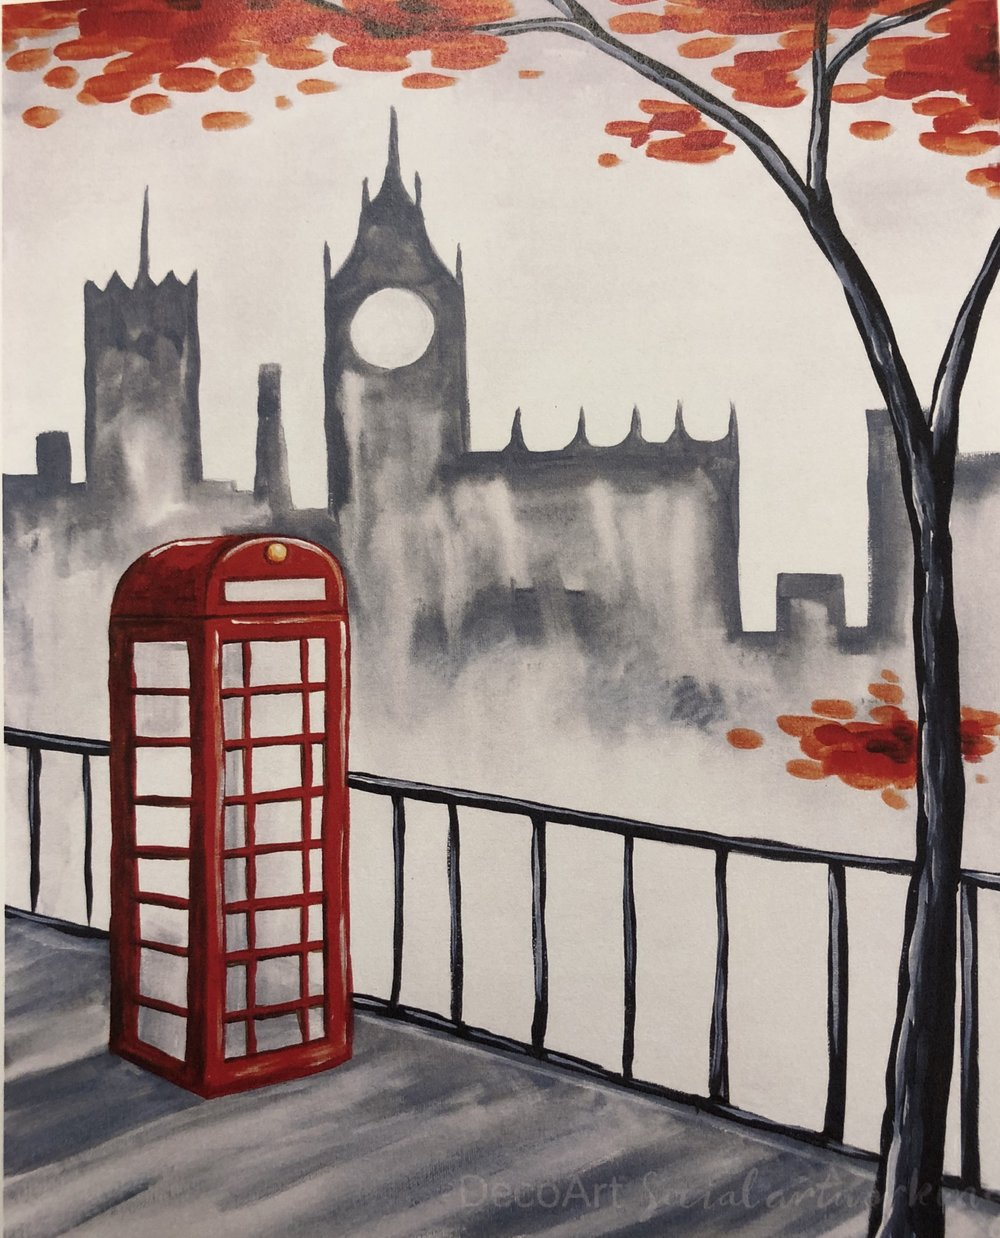 London in Fog